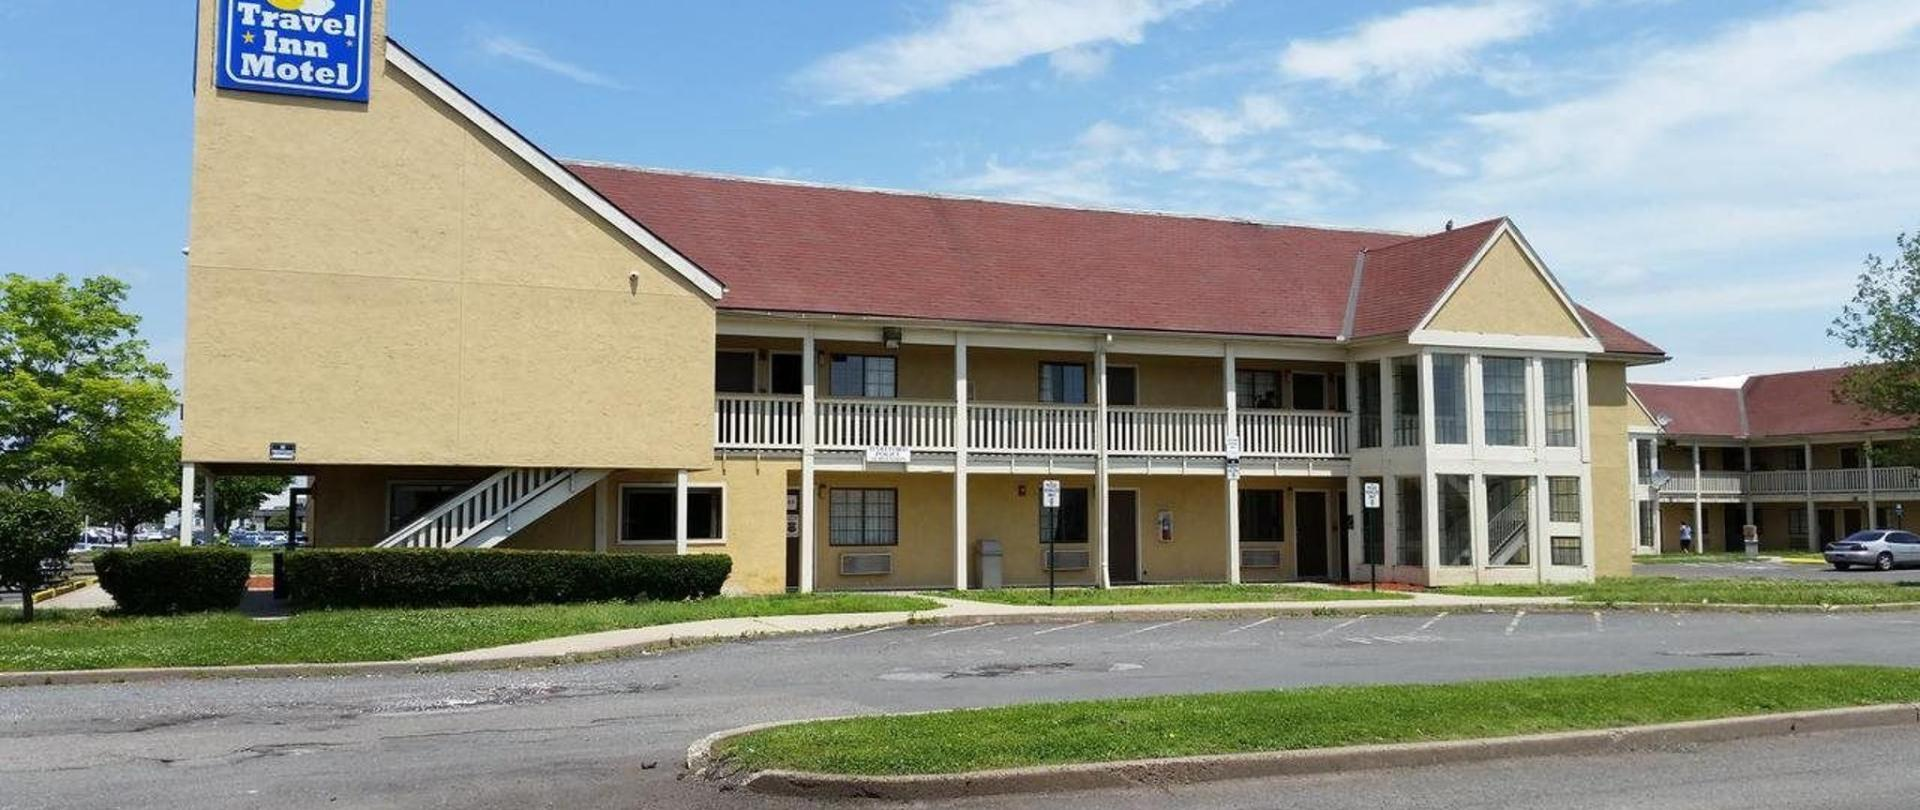 Traveling Tails Inn